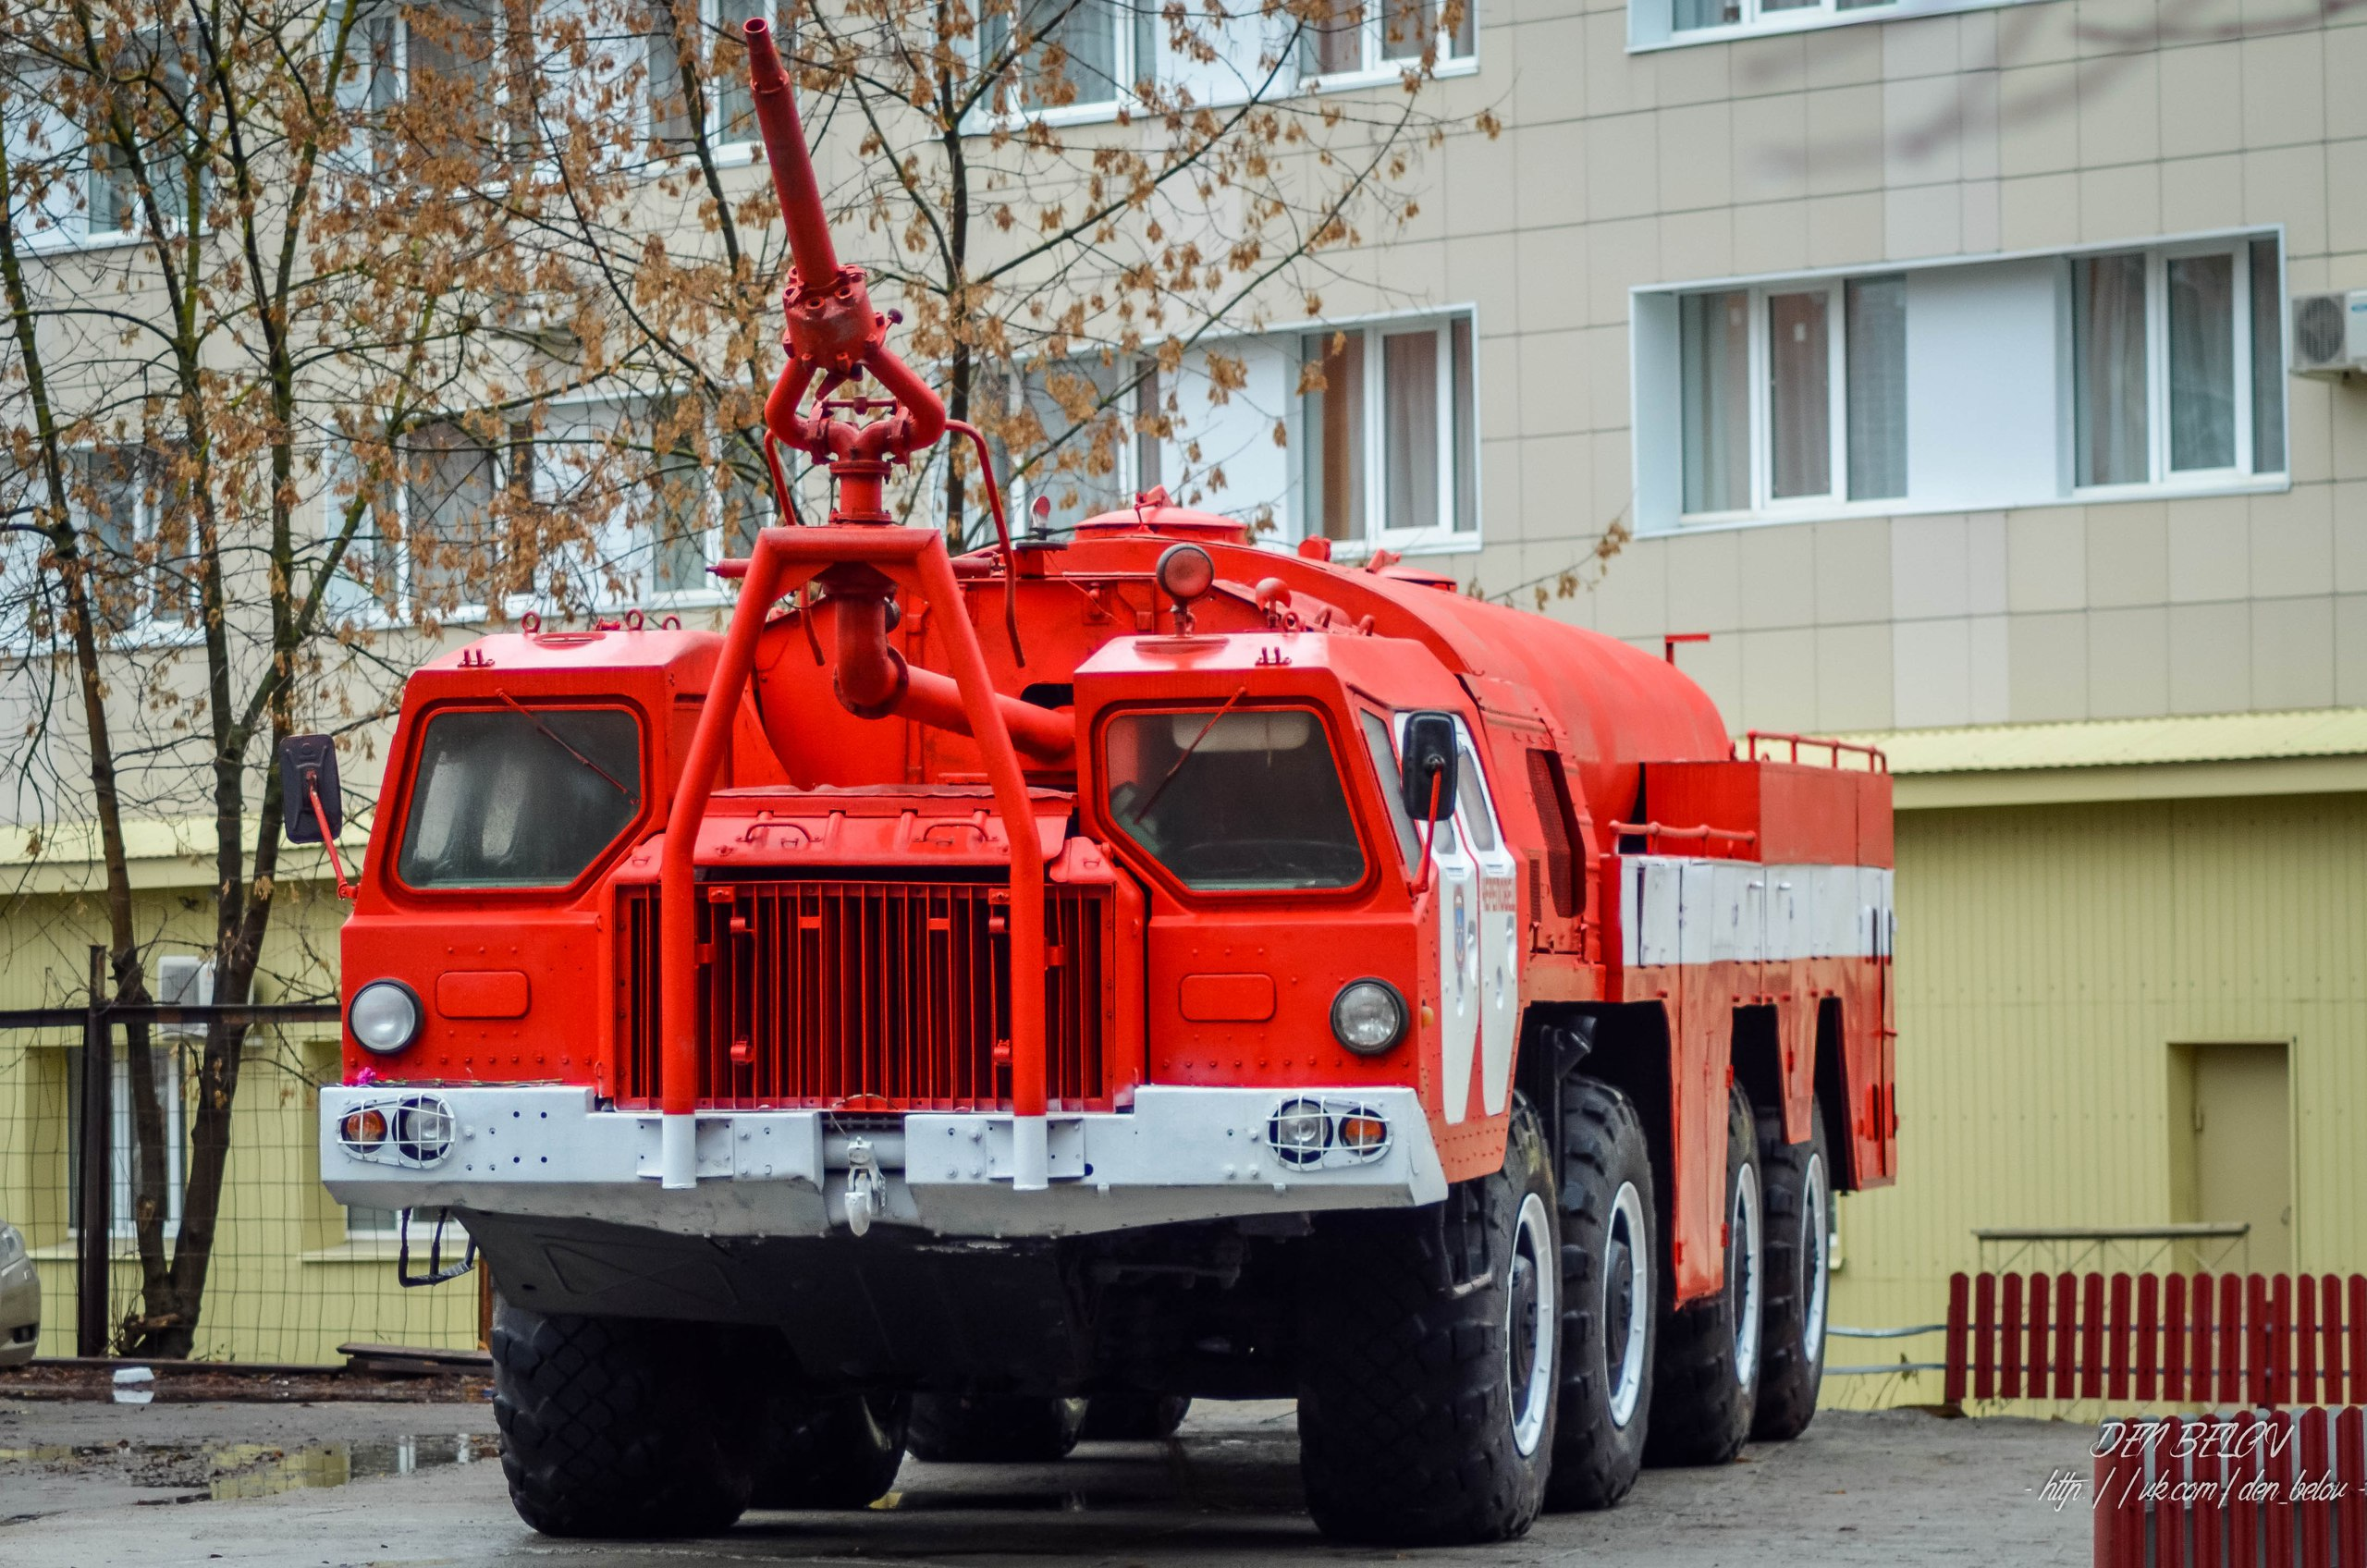 пожарный водозащитный автомобиль фото занимался фотографиями